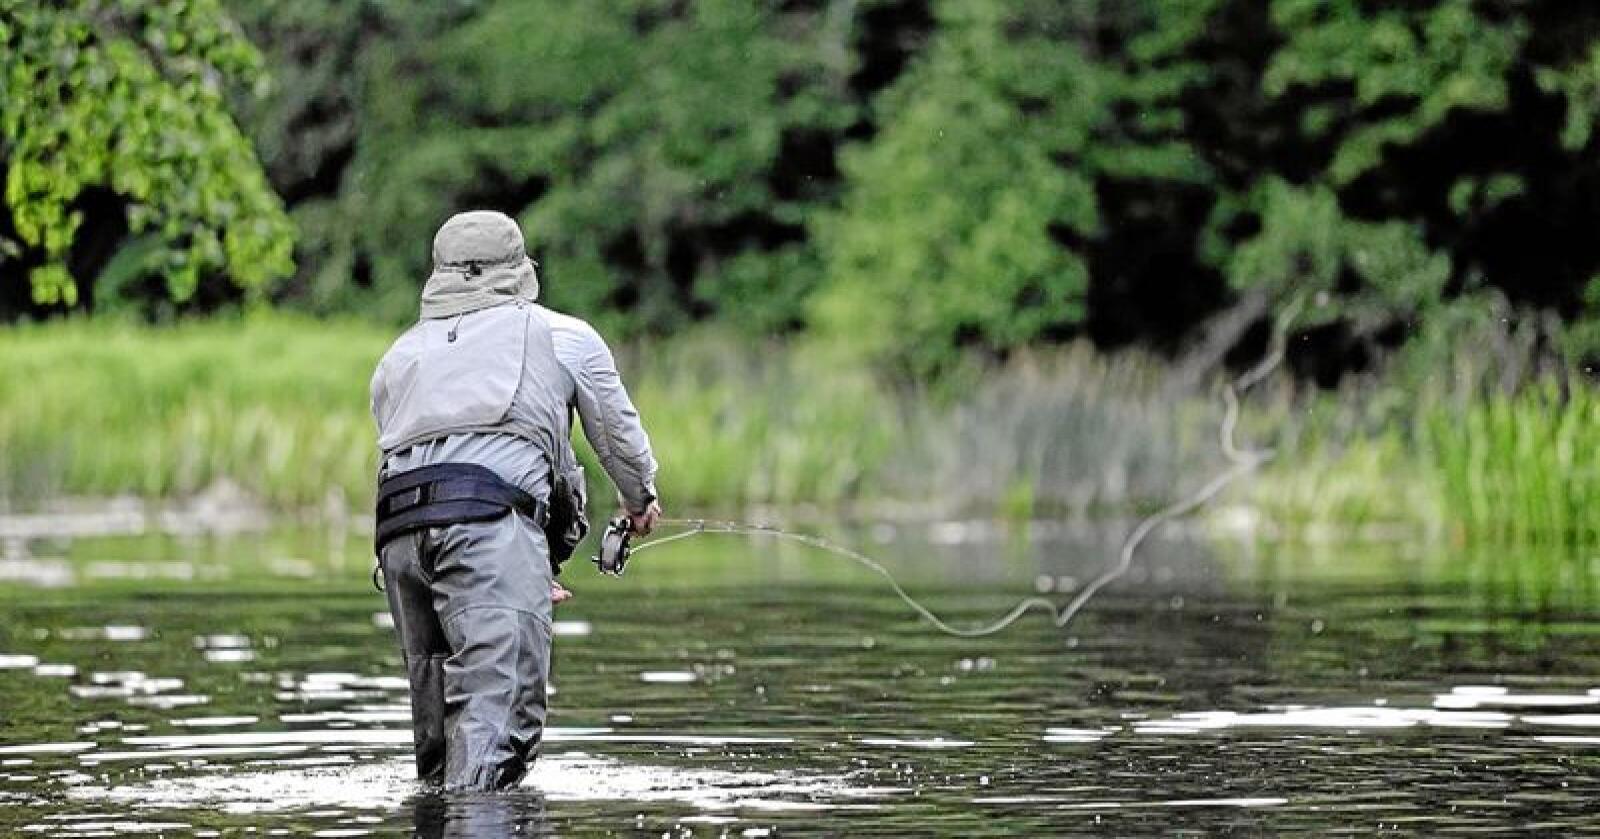 Elvefiske: Fiske reduserer i liten grad produksjonen av laks i norske elver. Foto: Norske Lakseelver